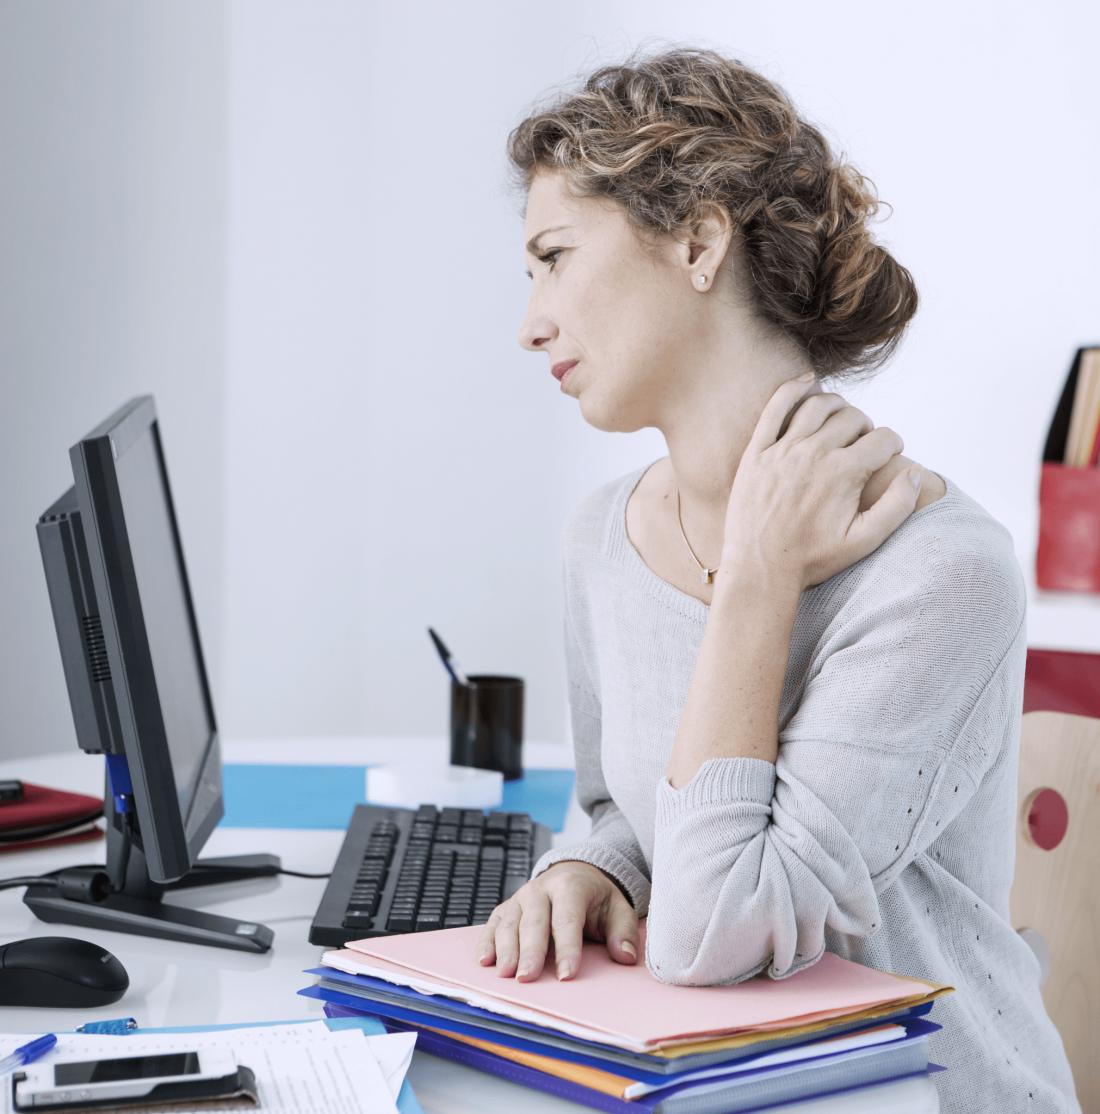 Firmamassage: med en massageordning på arbejdspladsen der forebygge skader